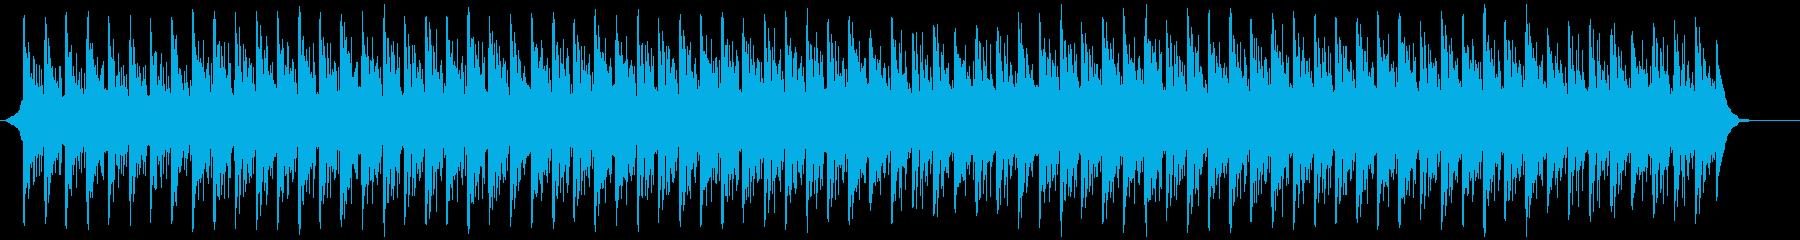 ティーン ポップ テクノ アンビエ...の再生済みの波形